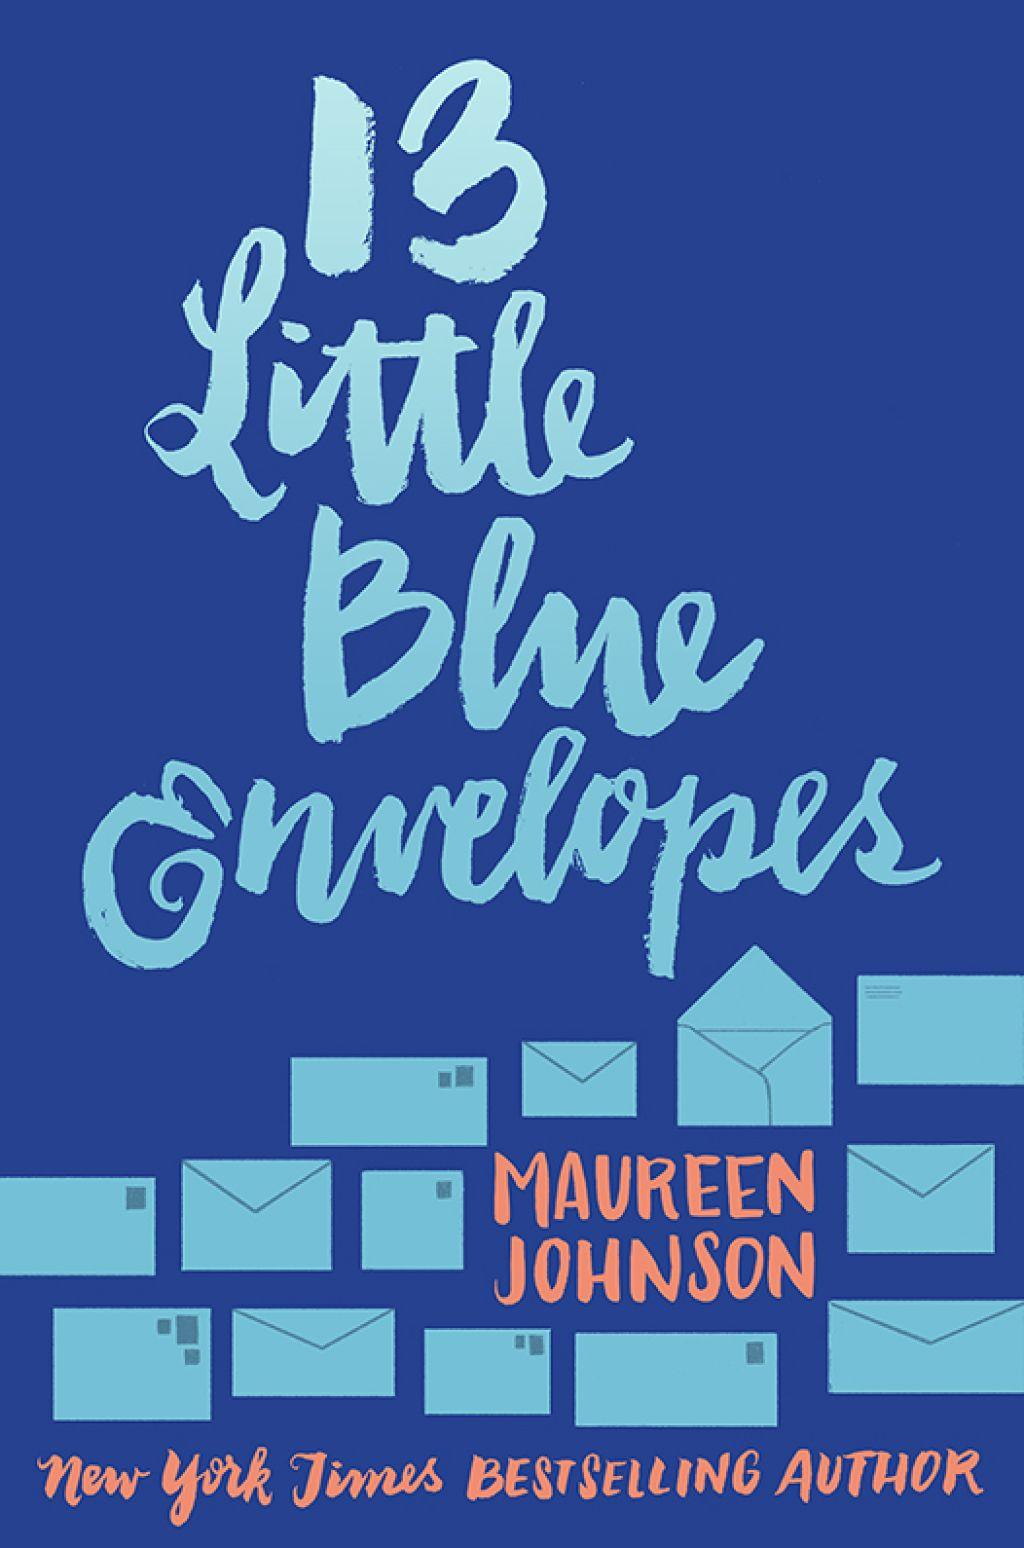 13 Little Blue Envelopes Ebook In